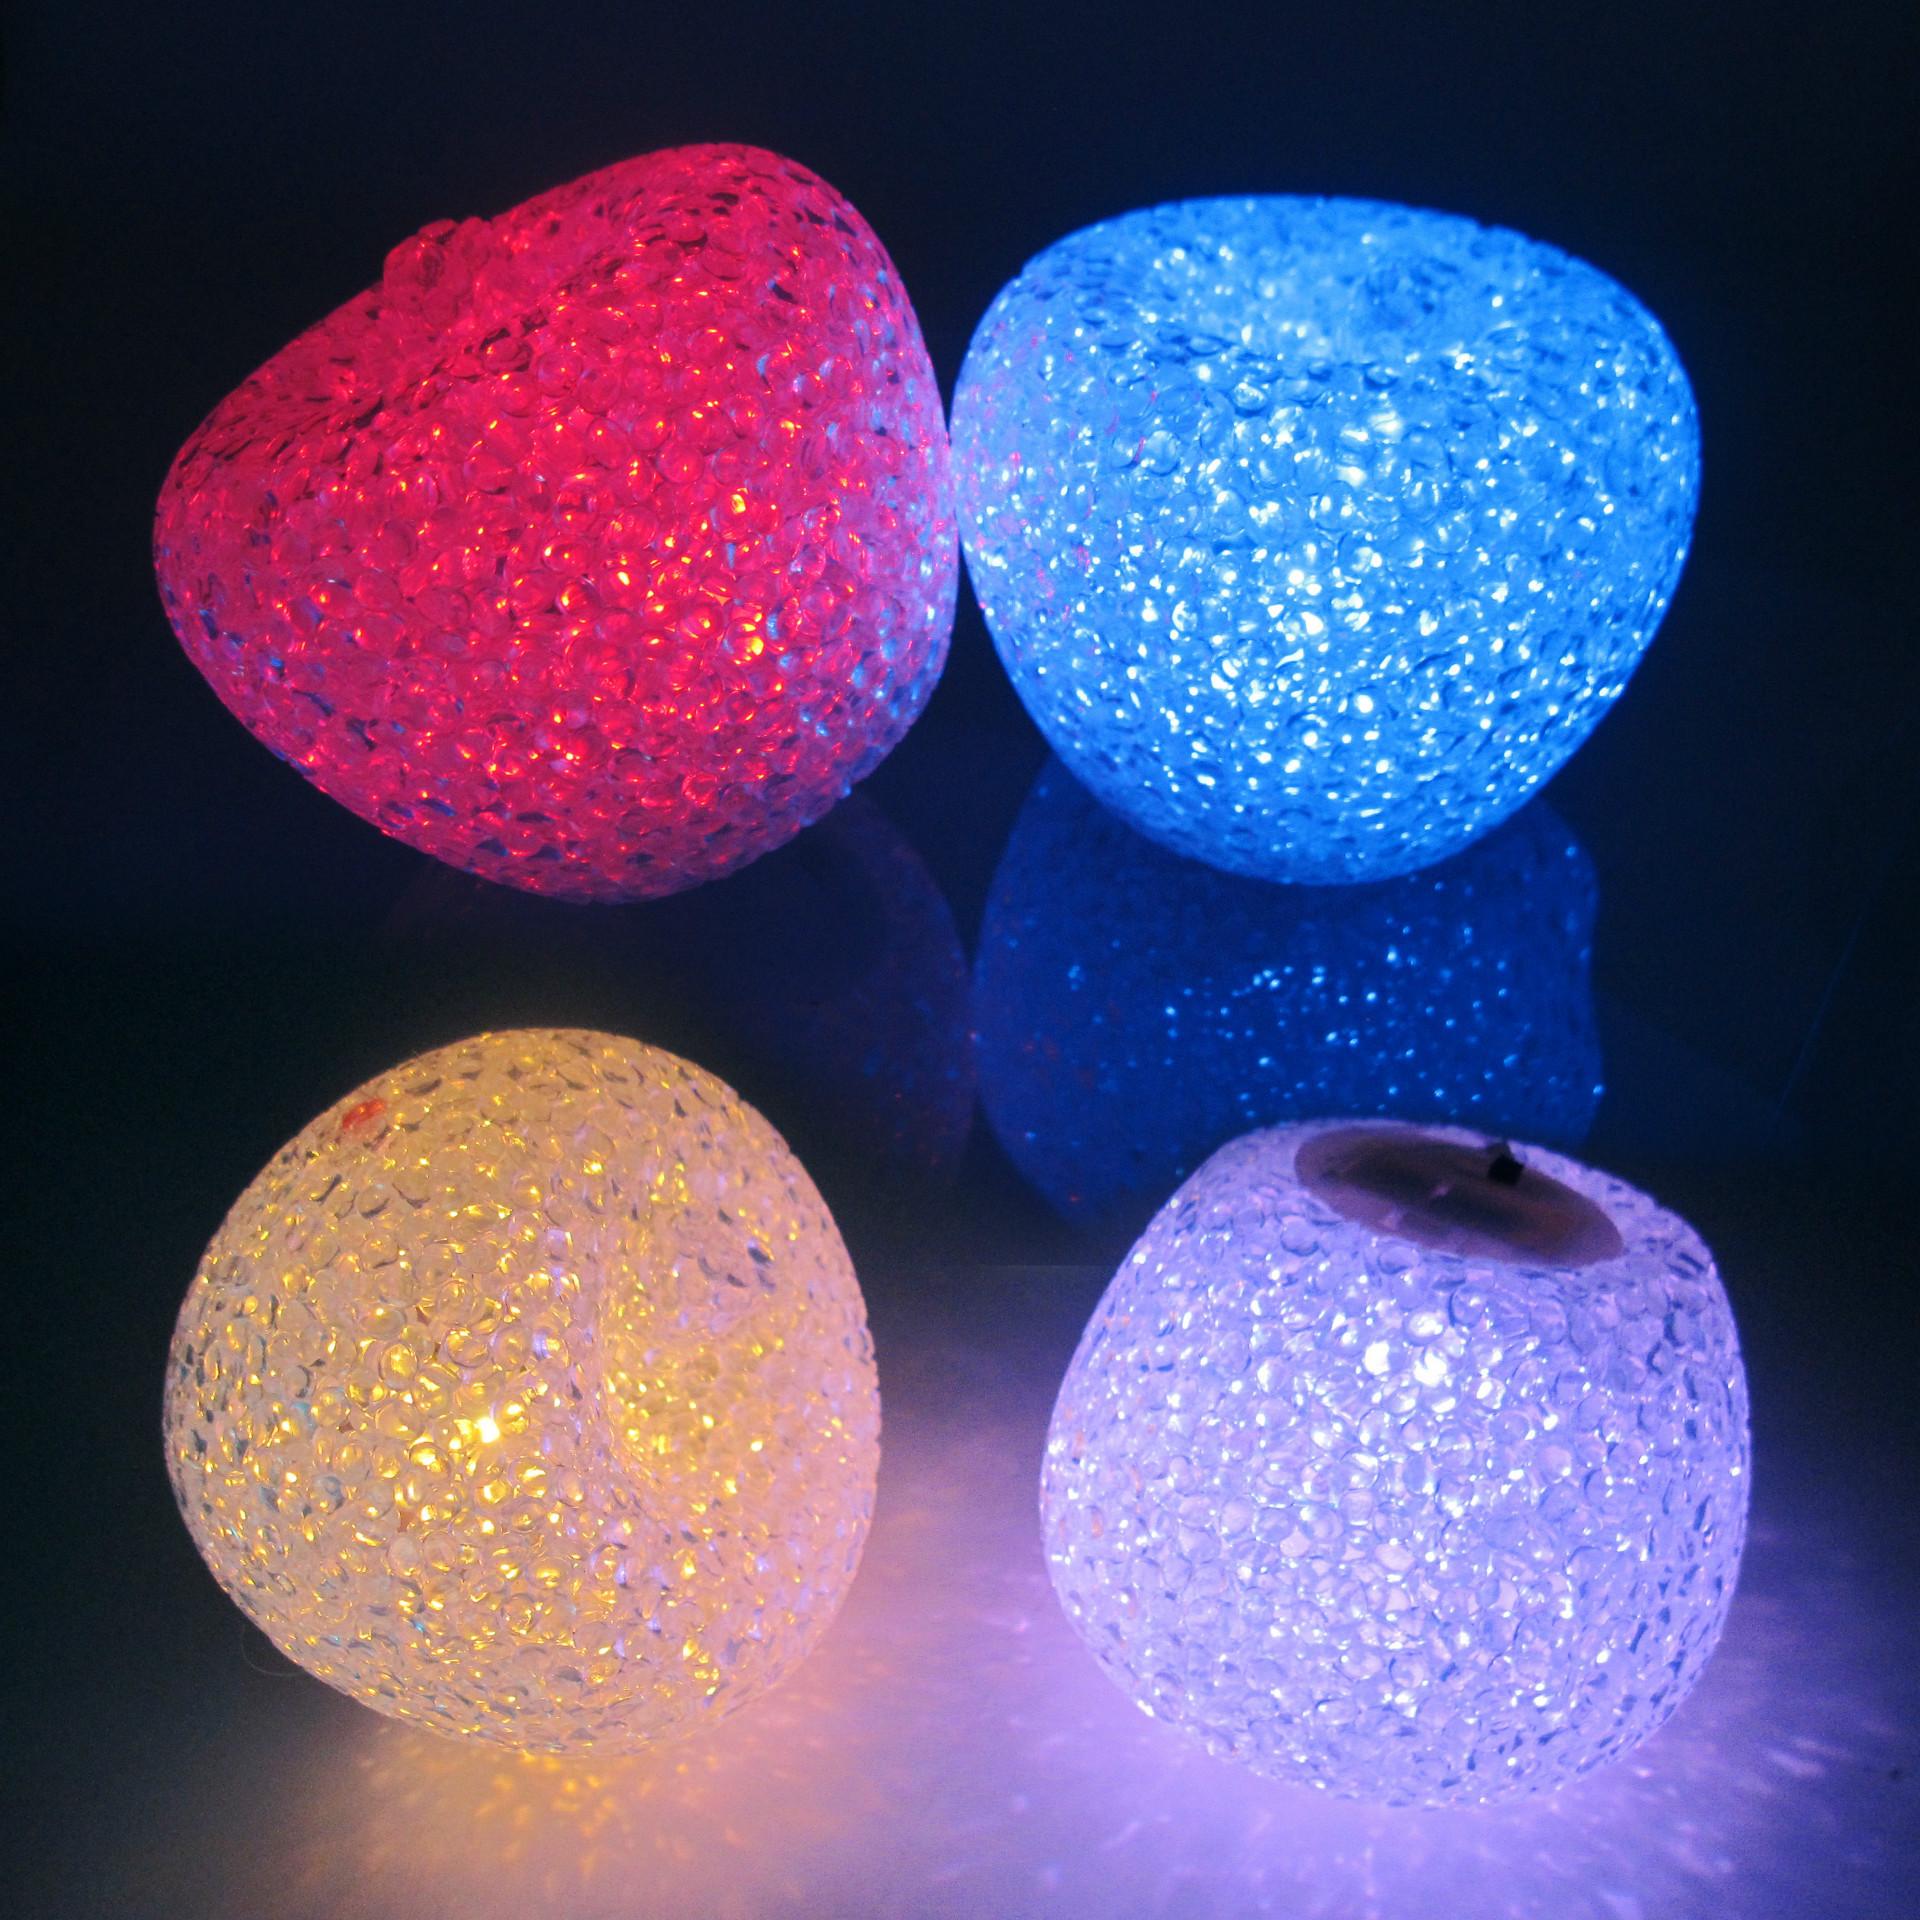 圣诞节发光大号水晶苹果创意七彩小夜灯装饰品平安夜礼物生日礼品